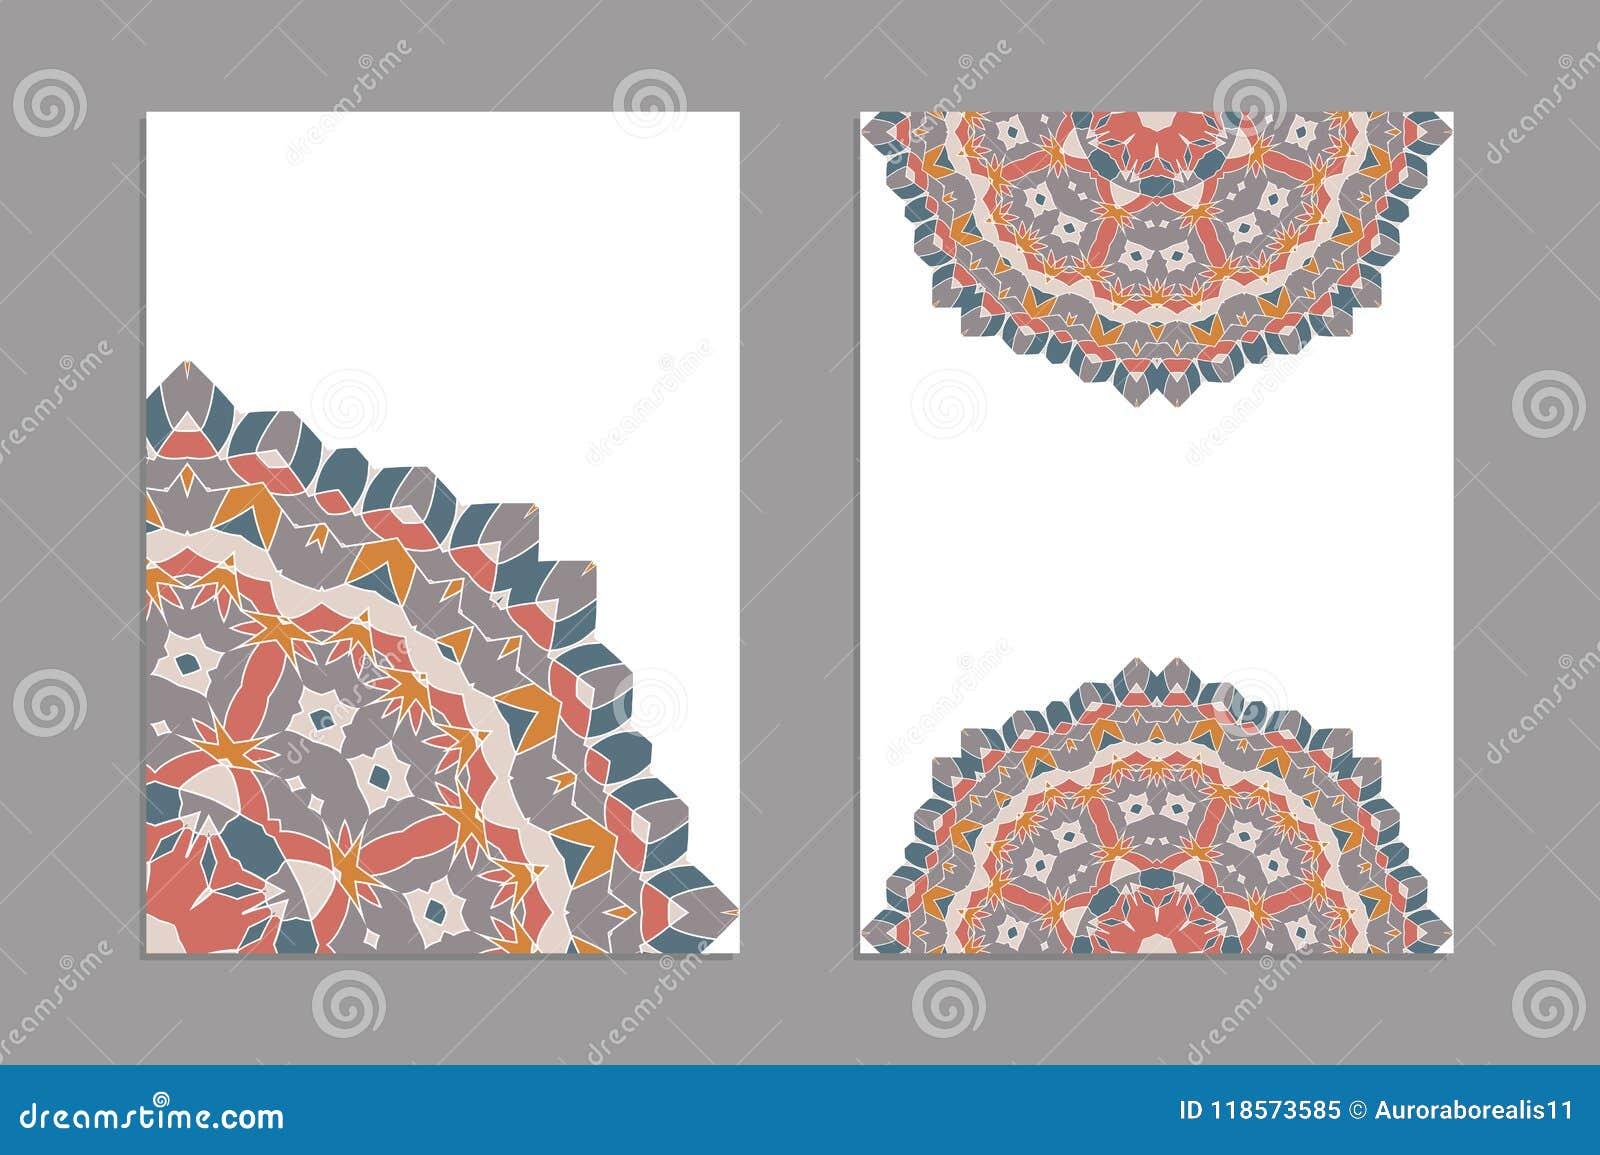 Calibres Pour Des Cartes De Visite Professionnelle Salutation Et Brochures Couvertures Avec Motifs Floraux Modle Oriental Mandala